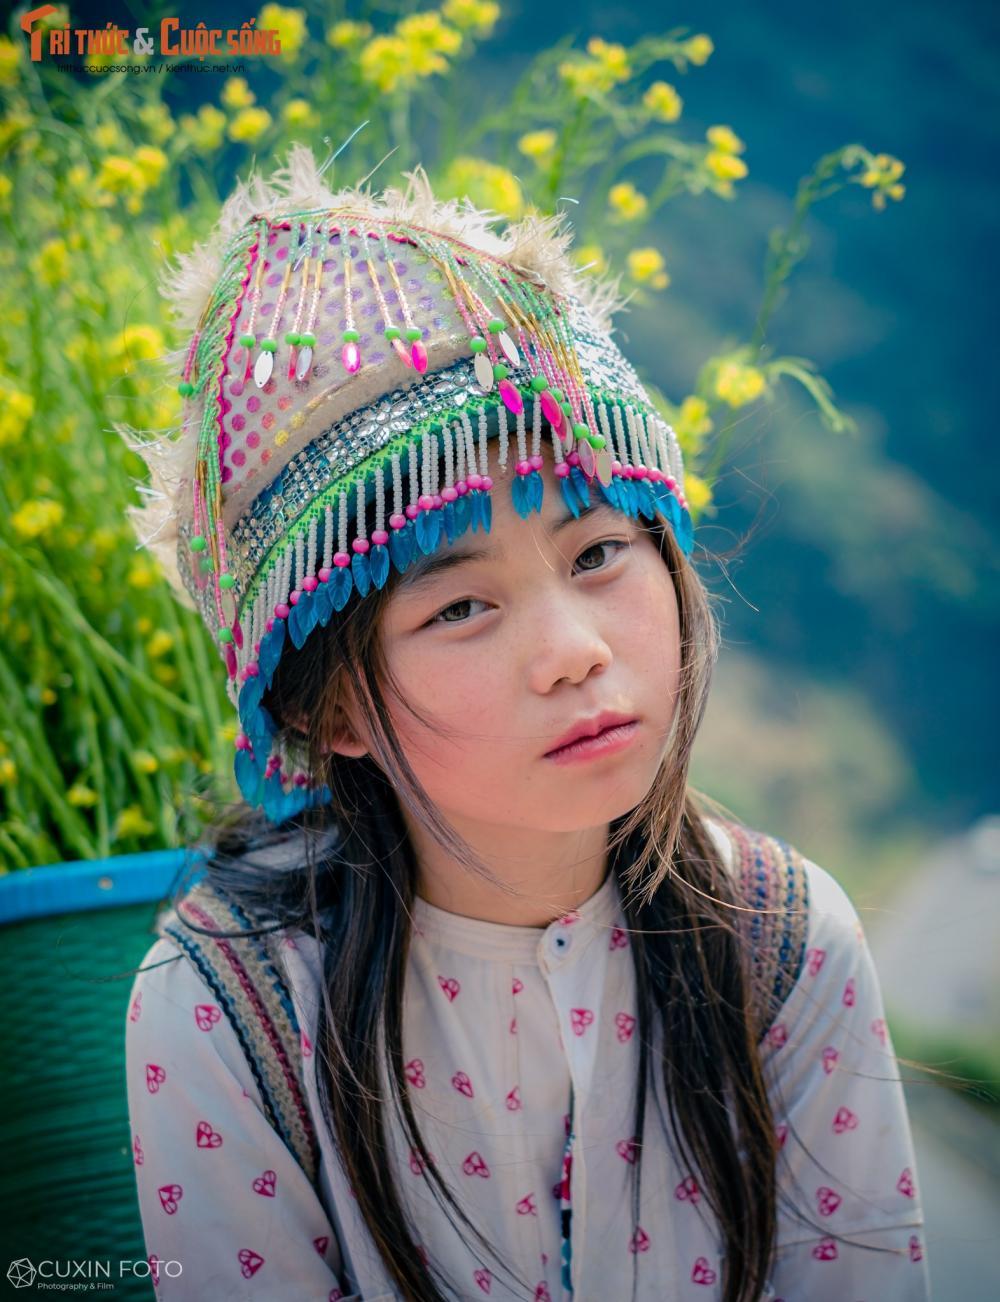 Trong suốt hành trình của mình, anh Quý cho biết dốc Thẩm Mã, Hà Giang lúc nào cũng ấn tượng nhất bởi ở đó có những em bé vùng cao với đôi mắt biết nói, đôi má lúc nào cũng ửng hồng... và vô cùng dễ thương.